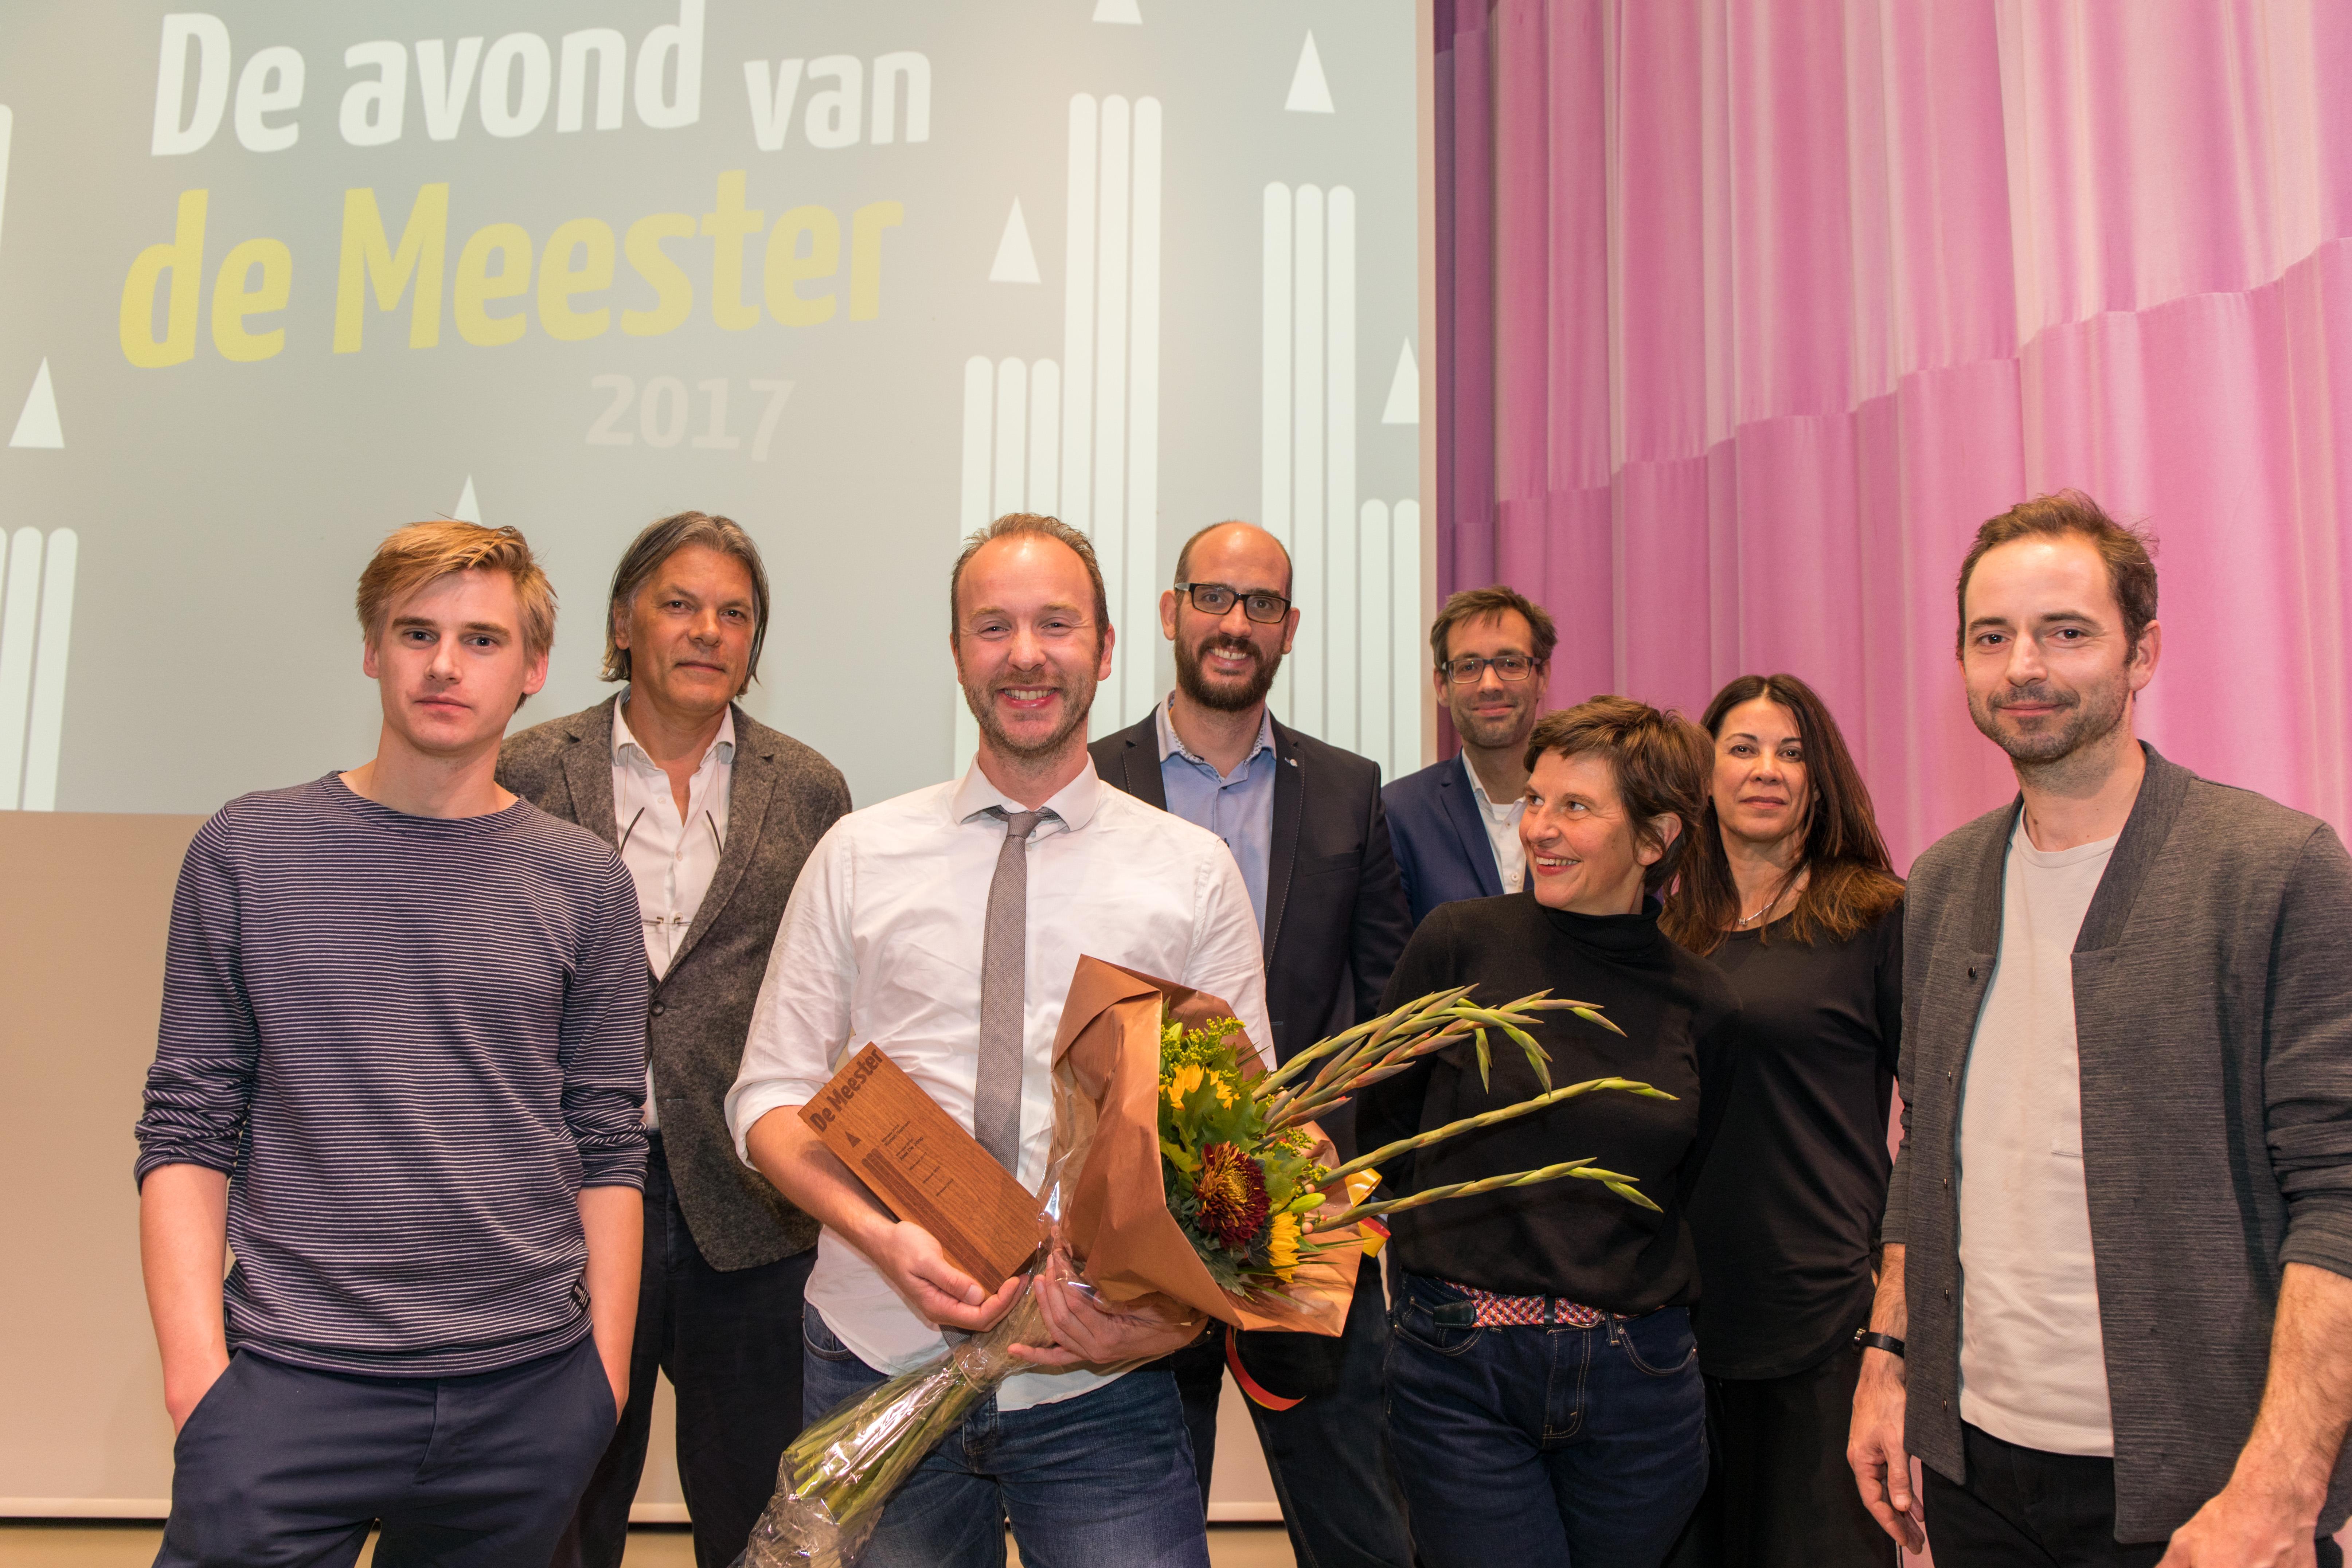 Jurgen ten Hoeve wint Rotterdamse promotieprijs De Meester 2017